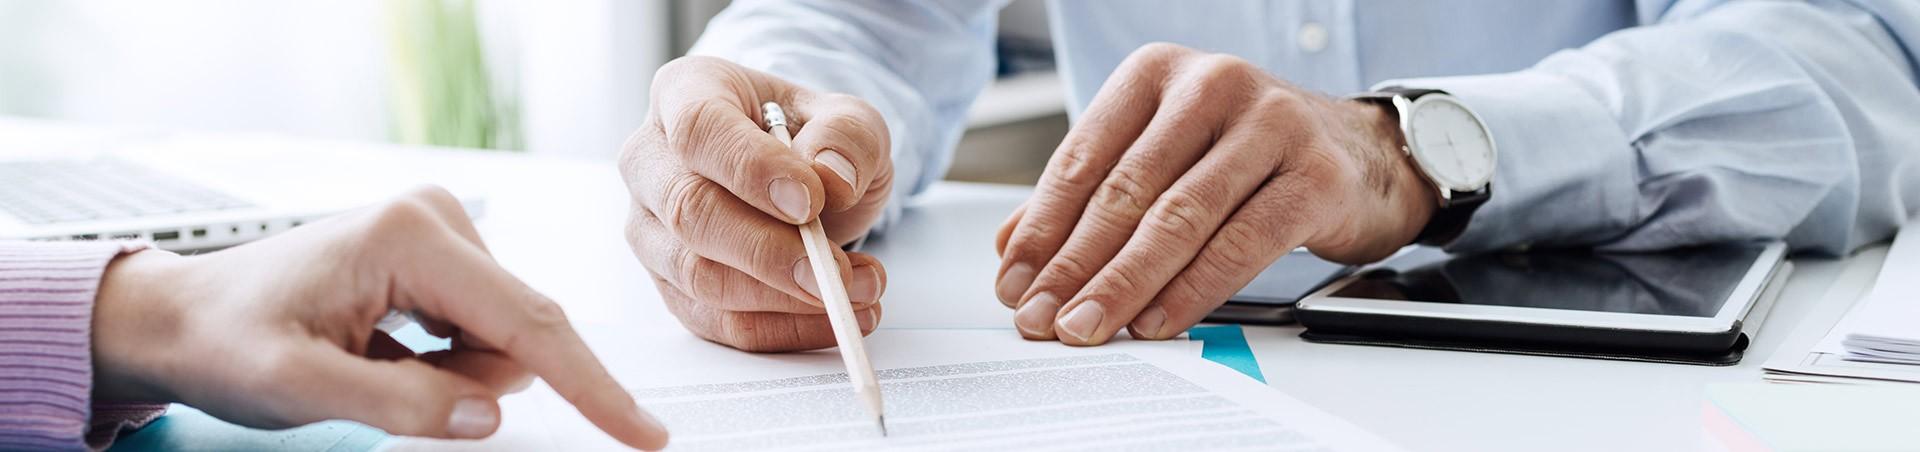 CAO ondertekenen advocatenkantoor Delissen Martens